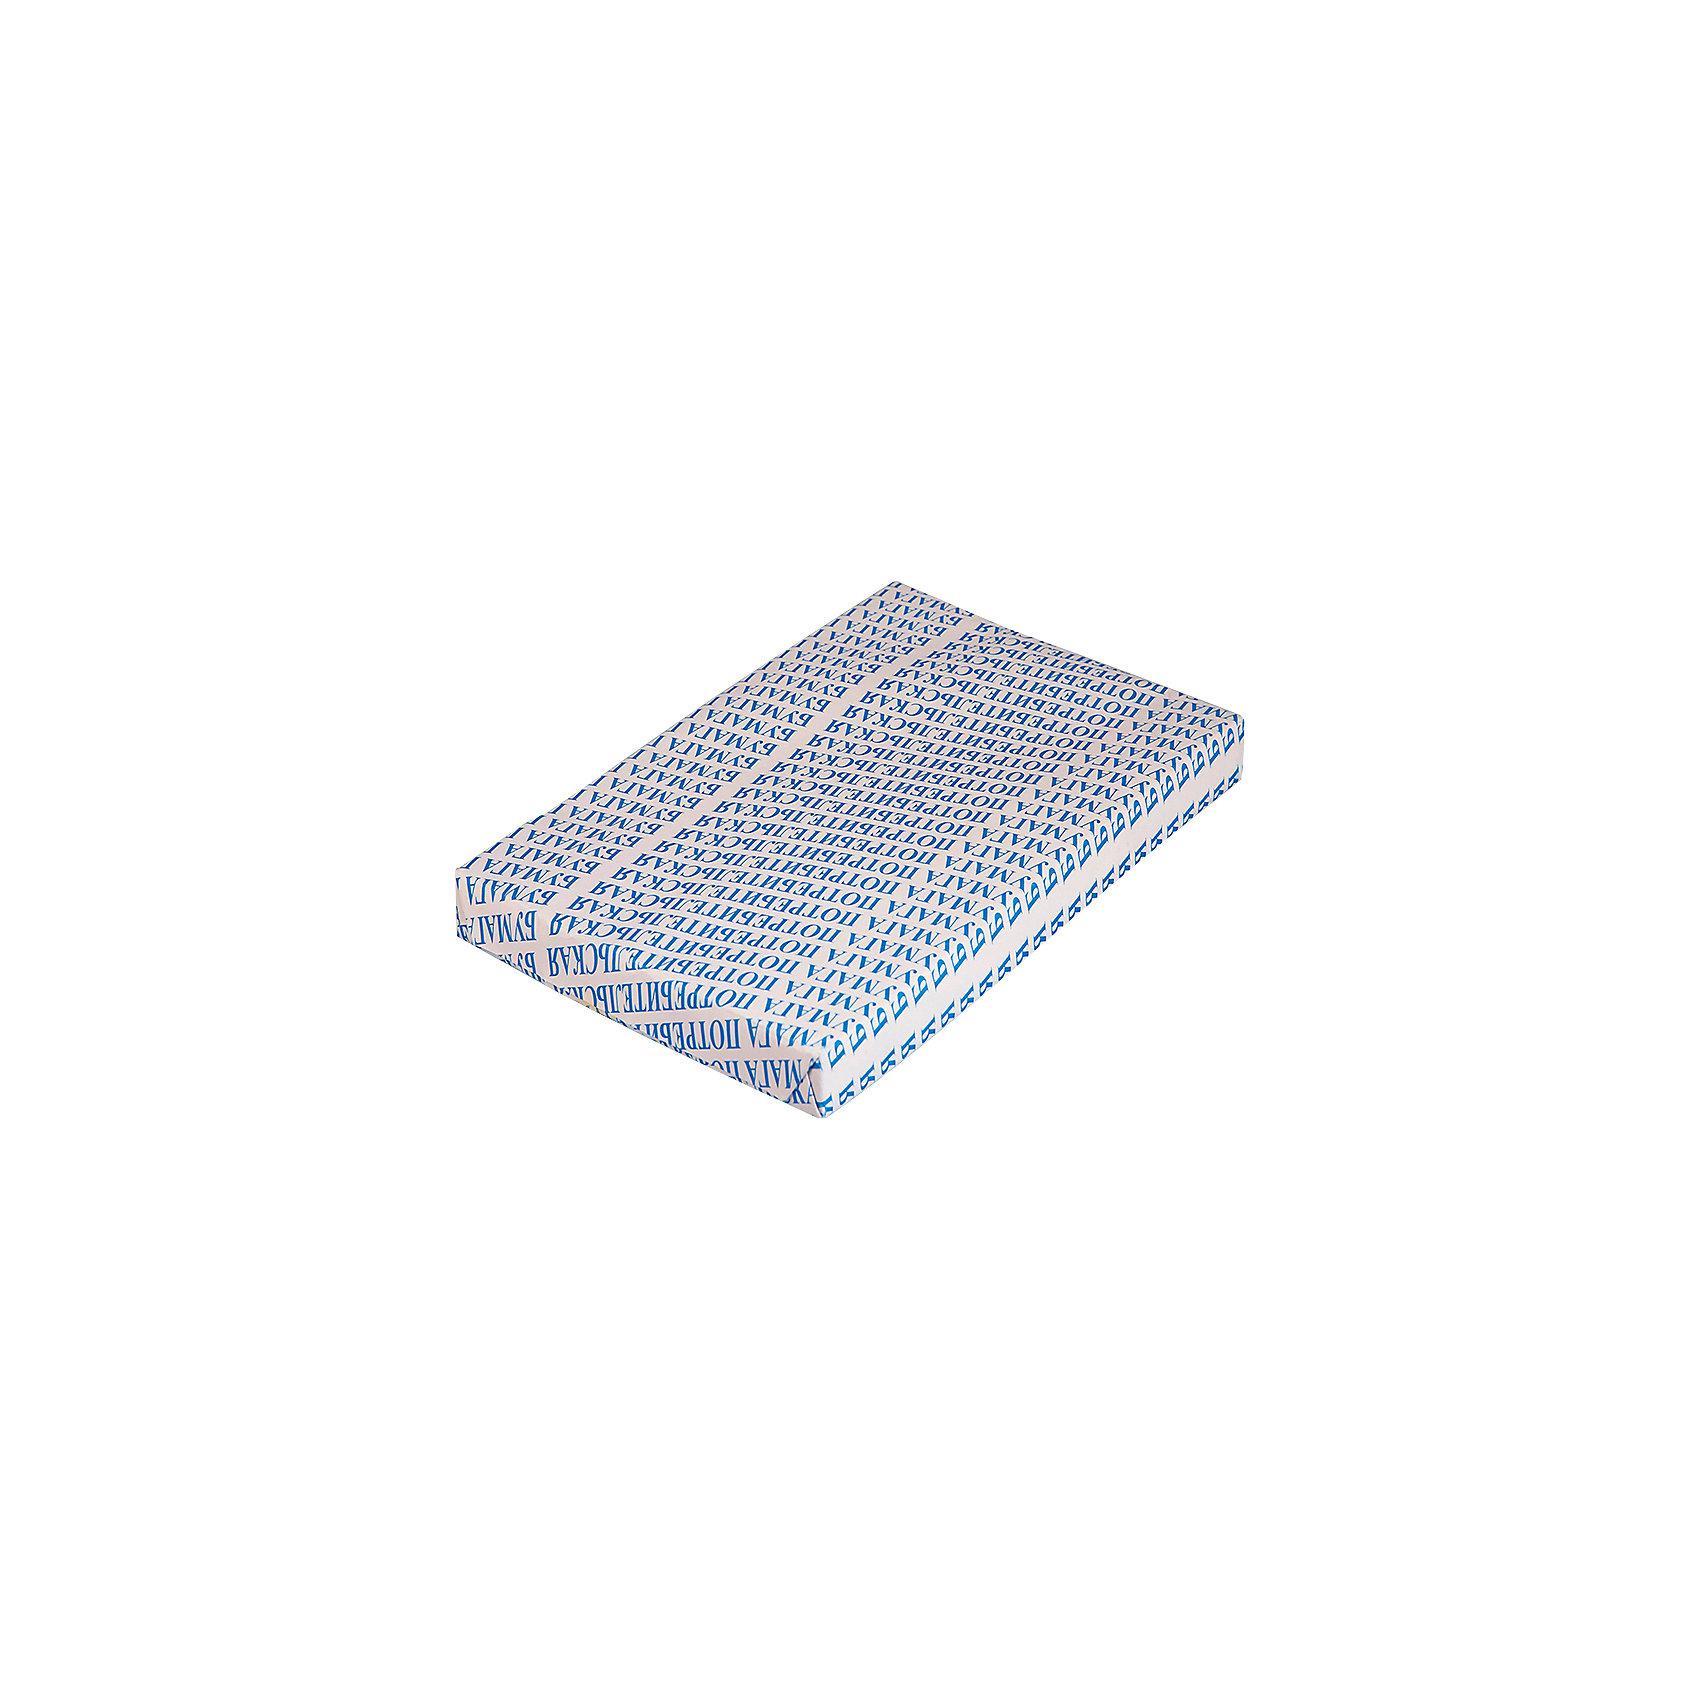 Бумага писчая А4 250 листов ТуринскБумажная продукция<br>Плотность бумаги: 65<br>Формат : A4<br>Количество листов: 250<br>Белизна по ГОСТ: 94<br>Линовка: нет<br>Цвет: белый<br>Непрозрачность: 91<br>Количество пачек в коробке: 10<br>Бумага потребительская или бумага для пишущих машин и ризографов обладает более низкой плотностью и белизной. Применяется для ведения записи ручками и другими пишущими принадлежностями, либо пишущими машинами. Формат А4, 250 листов, белая. Плотность бумаги - 65-70 г/м?. Цвет - белый, белизна 94%.<br><br>Ширина мм: 295<br>Глубина мм: 210<br>Высота мм: 27<br>Вес г: 1300<br>Возраст от месяцев: 60<br>Возраст до месяцев: 2147483647<br>Пол: Унисекс<br>Возраст: Детский<br>SKU: 7044302